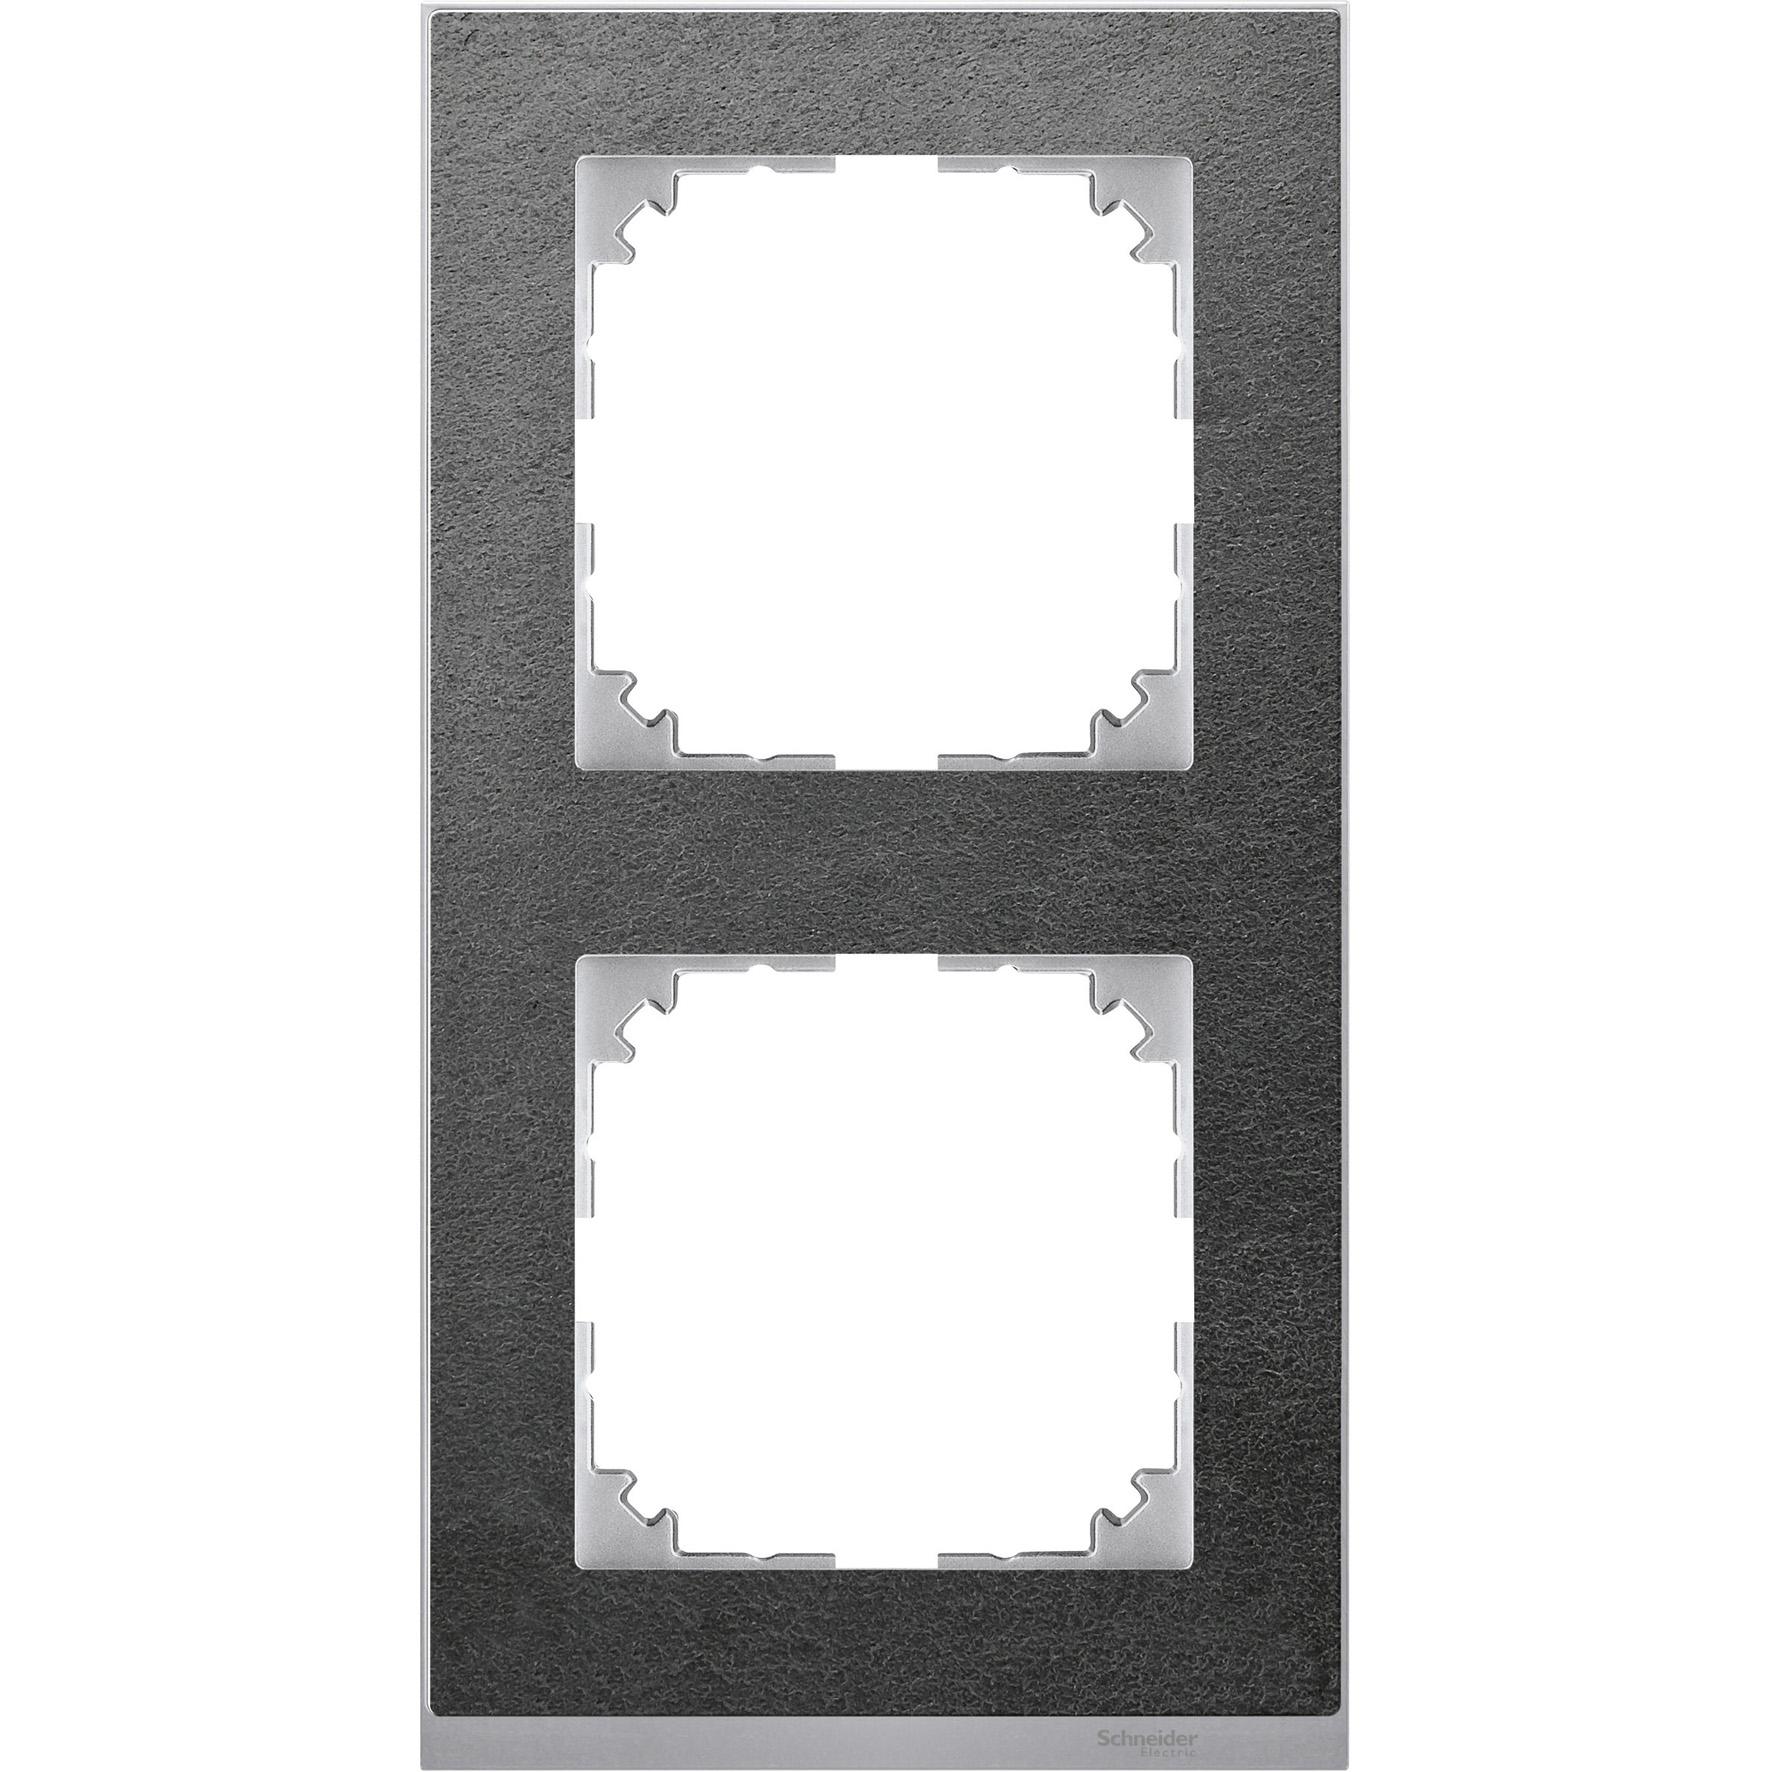 Schneider-Merten M-Pure Décor 2-voudig afdekraam - steen/aluminium (MTN4020-3669)